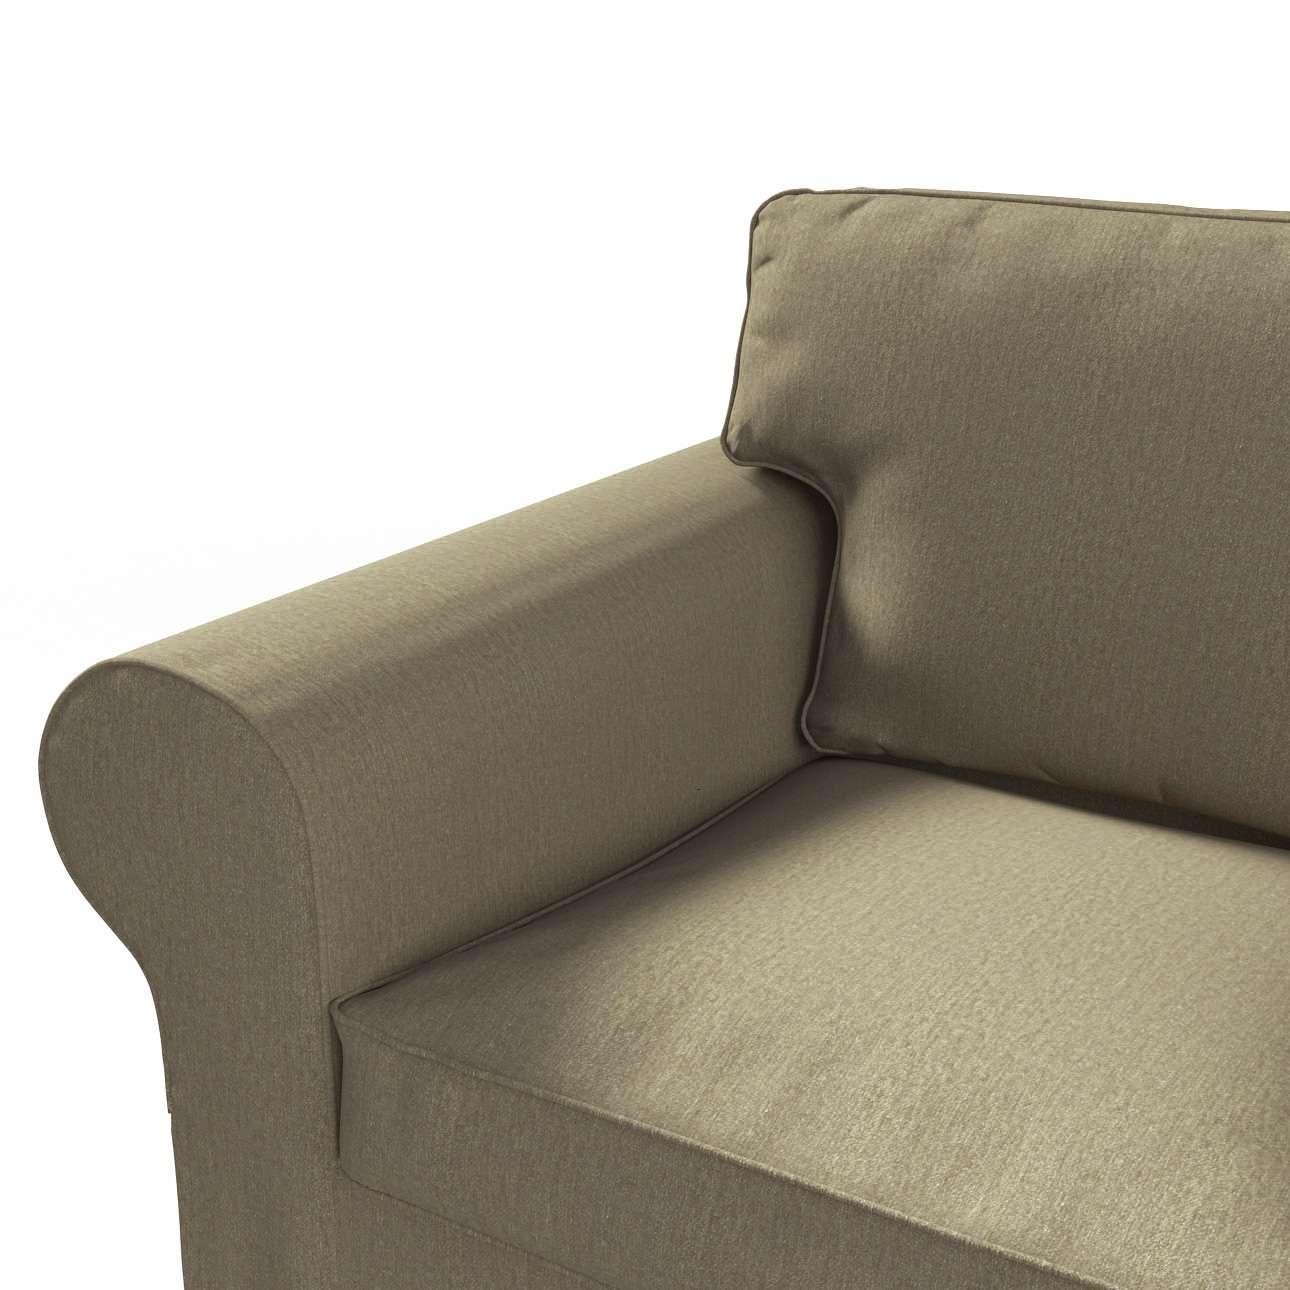 Ektorp 2 sæder sovesofa fra 2012<br/>Bredde ca 200cm fra kollektionen Chenille, Stof: 702-21